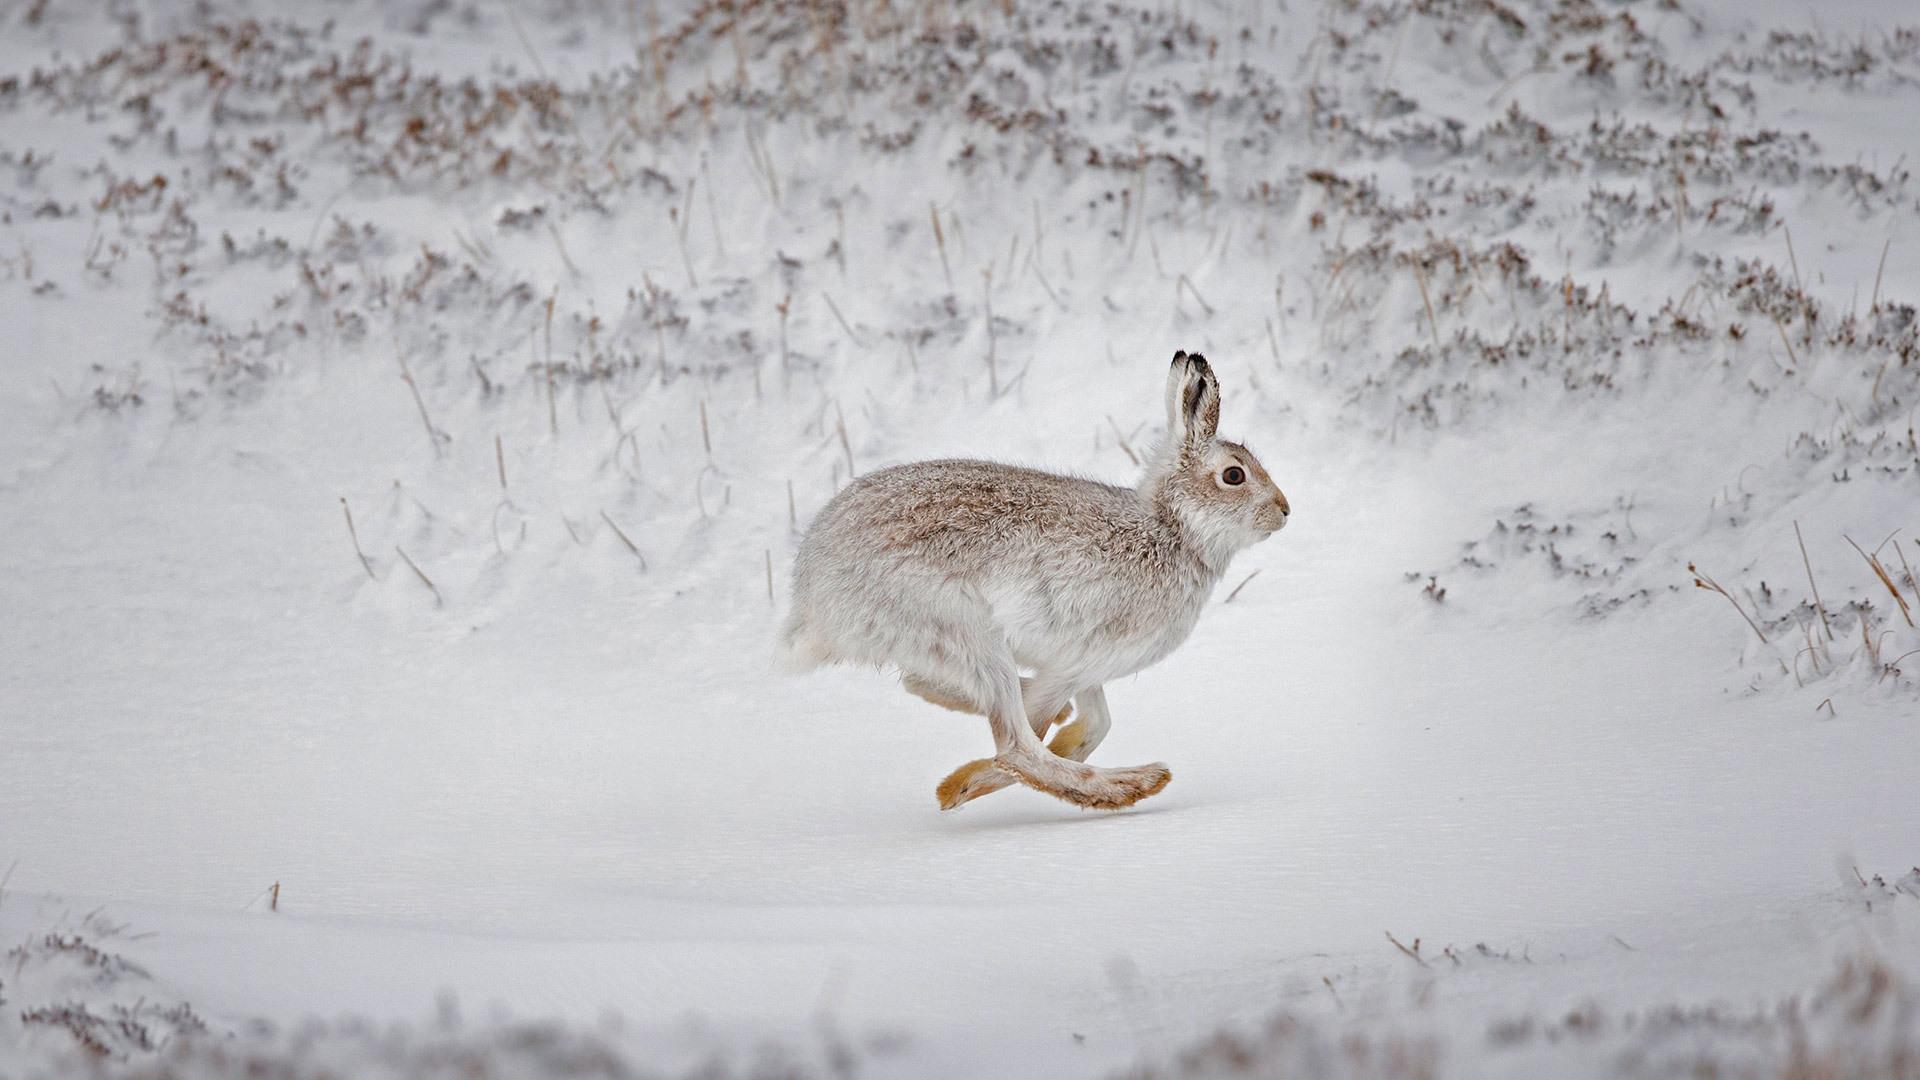 在白雪覆盖的高地上奔跑的雪兔雪兔